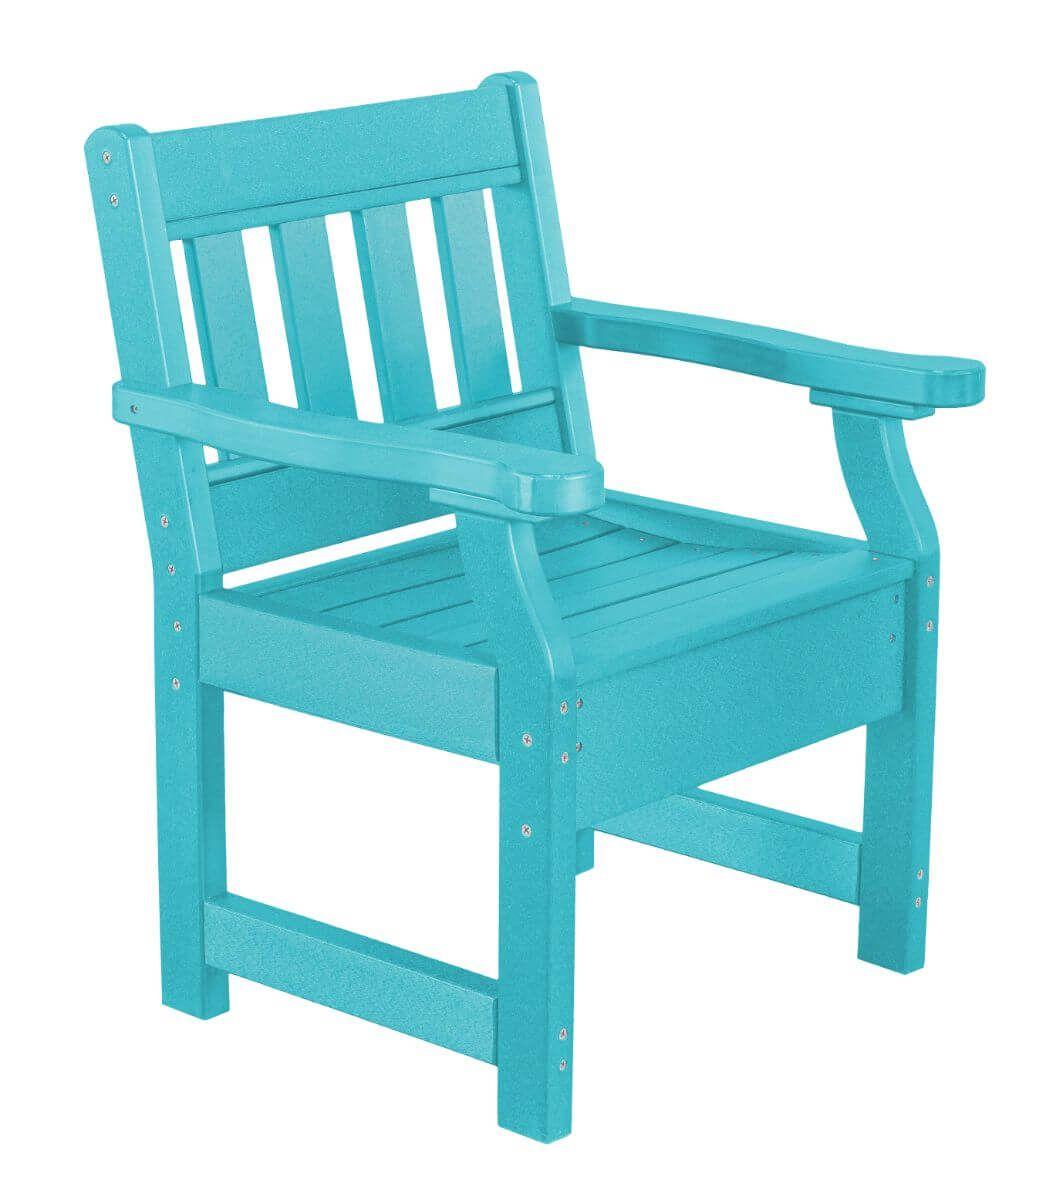 Aruba Blue Aden Patio Chair